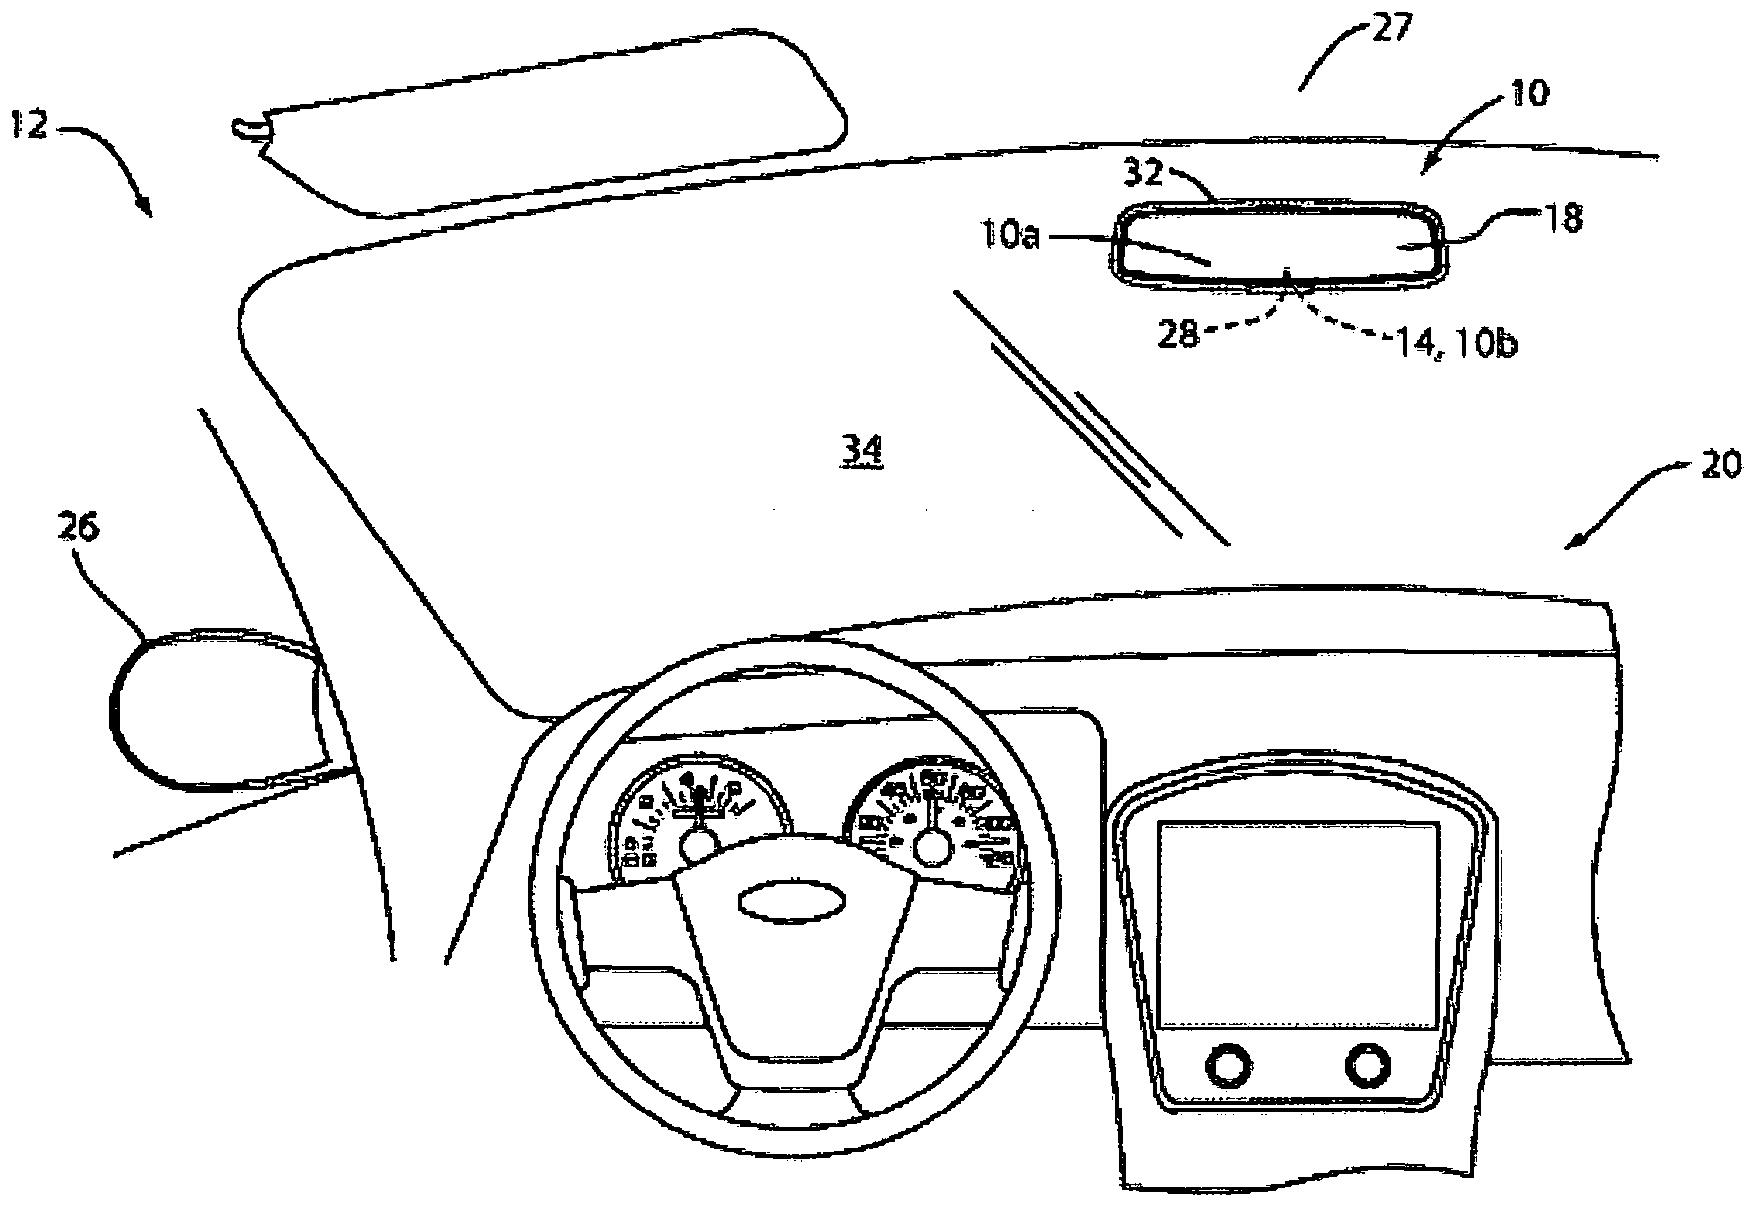 Figure DE212018000369U1_0000